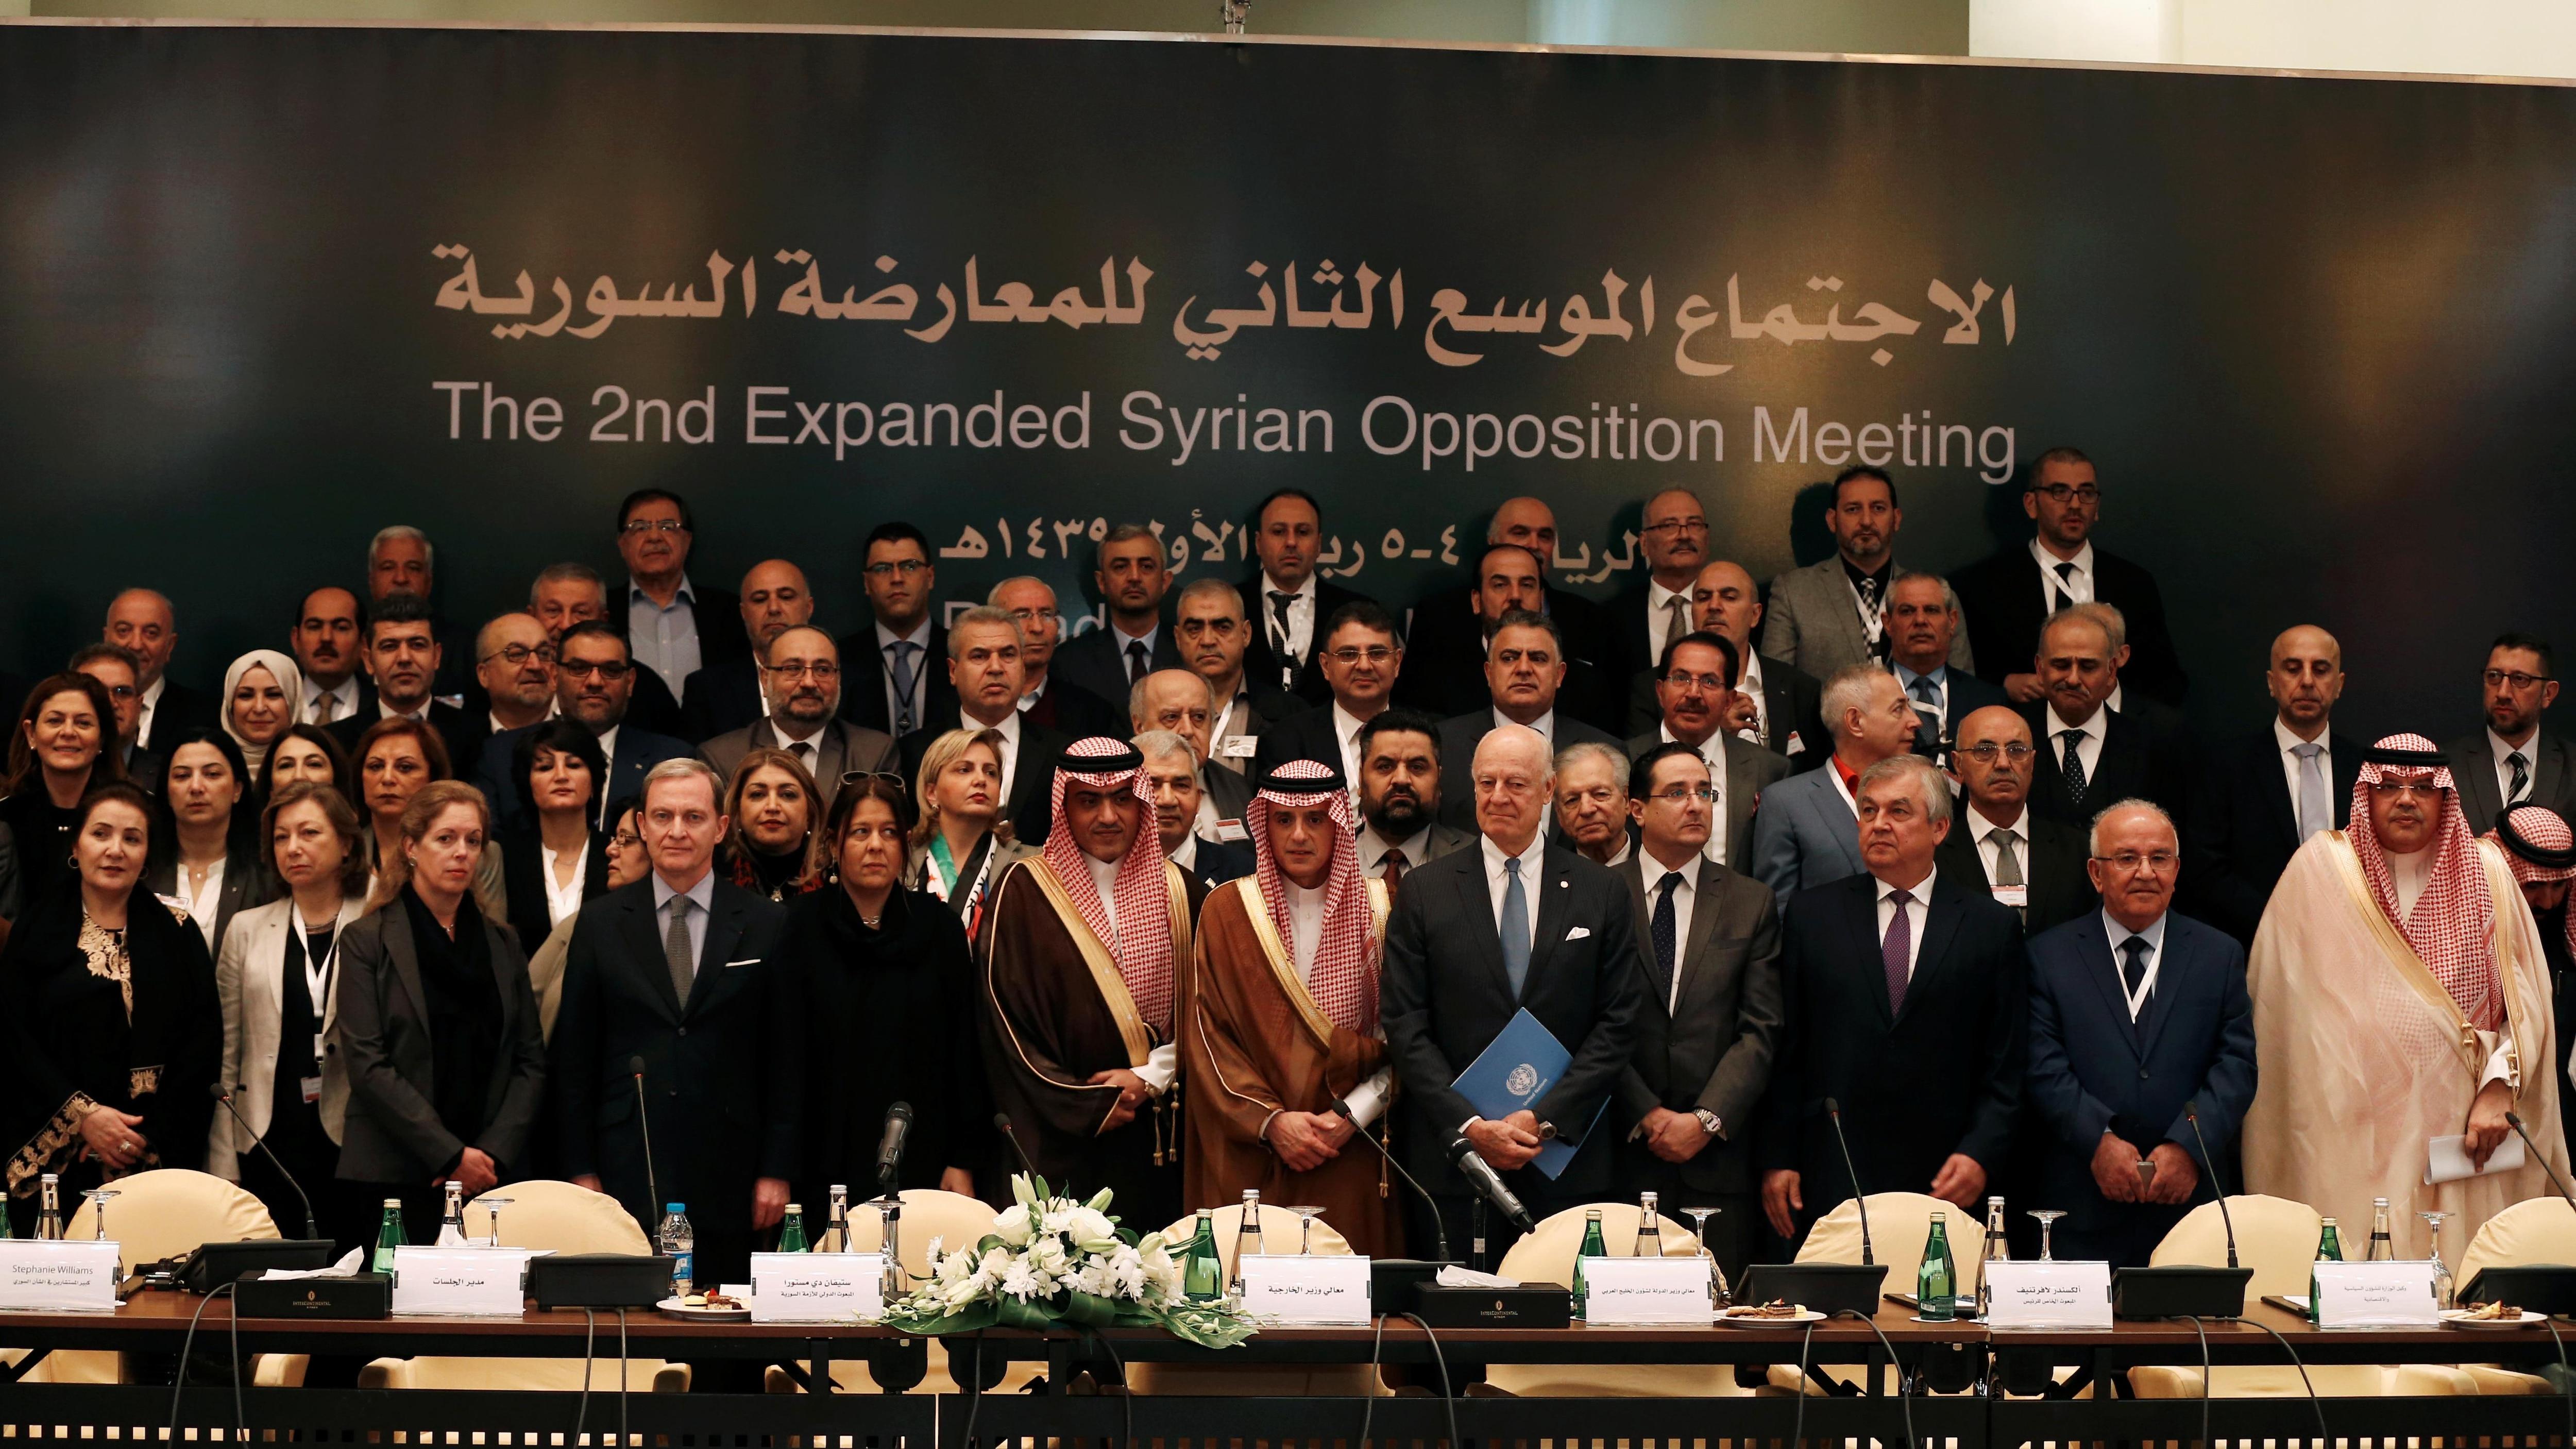 Une opposition syrienne unie pour la première fois en vue de nouvelles négociations